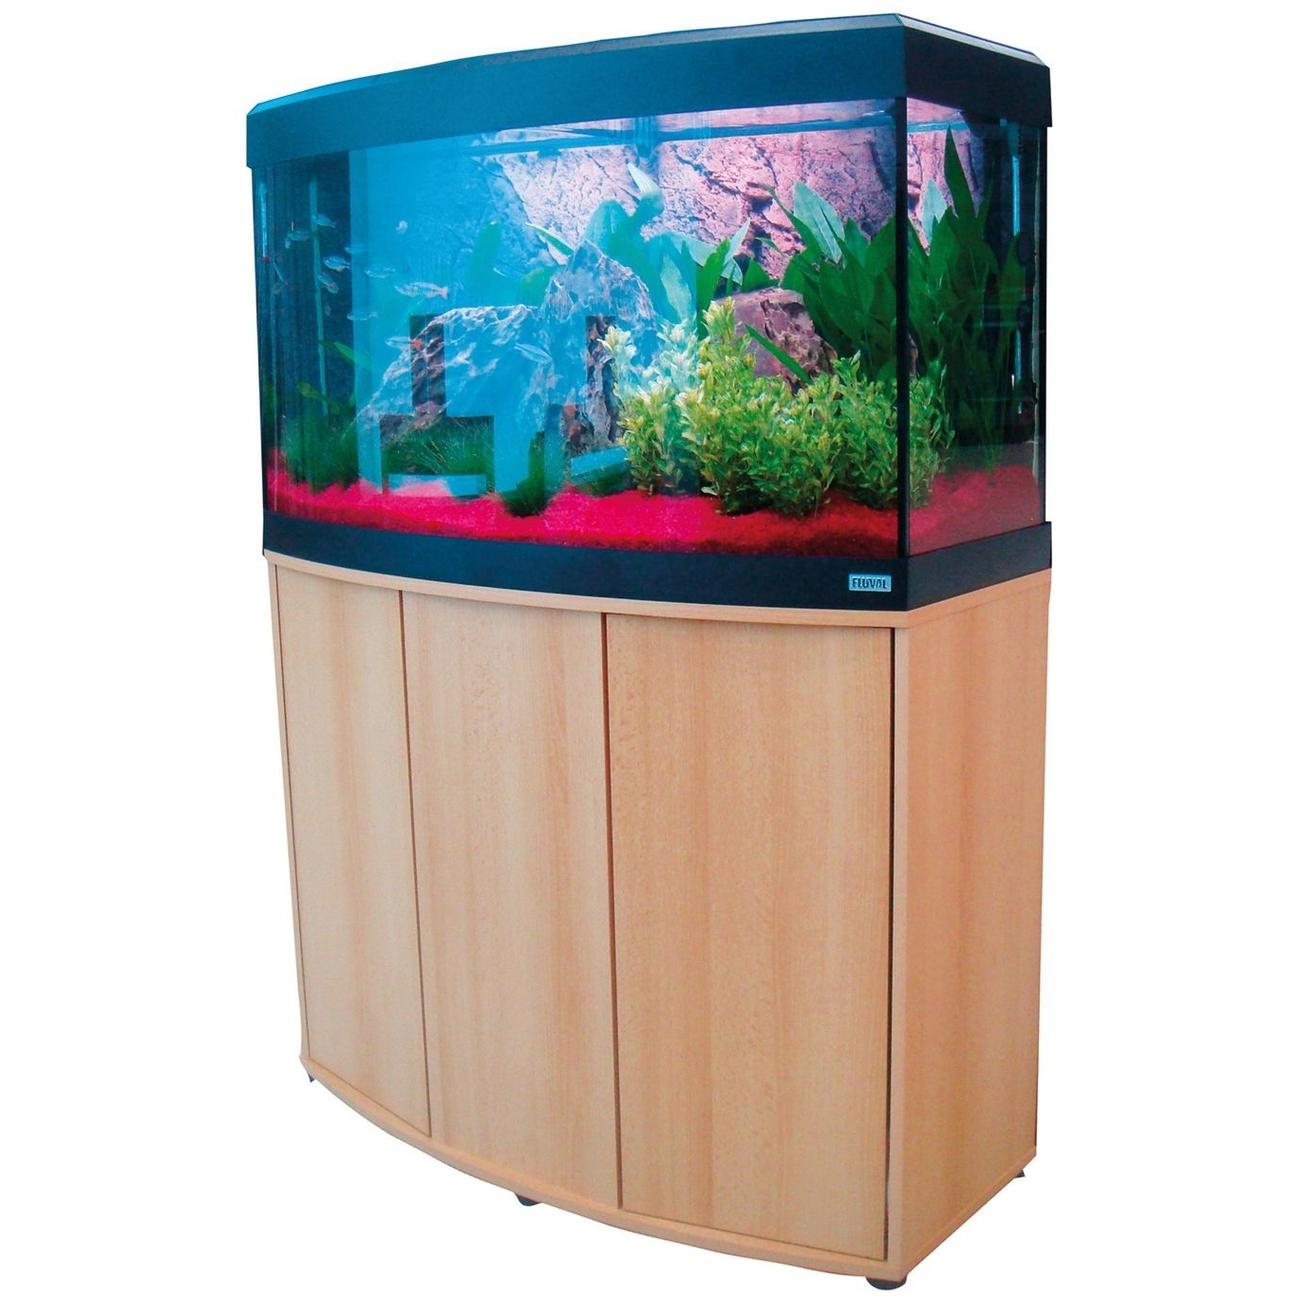 Fluval Süßwasser Aquarium mit Schrank Vicenza, Bild 21